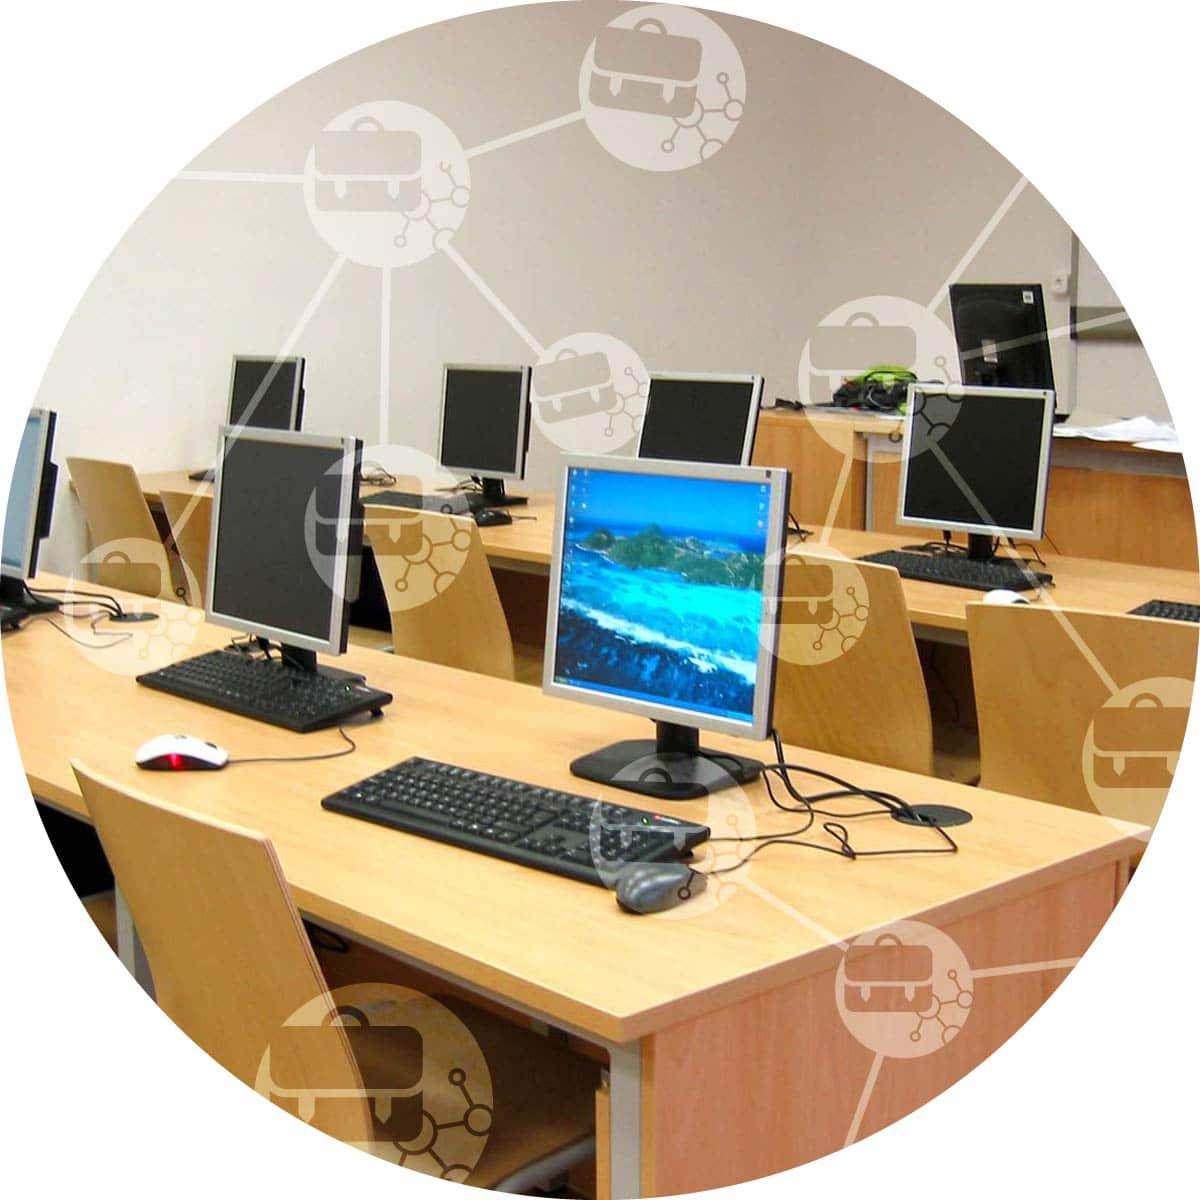 Pohled na učebnu s logem IT pro skoly